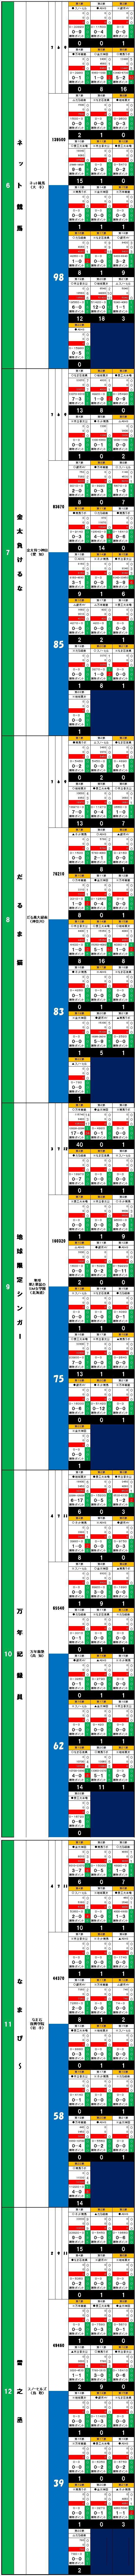 20150504・ダルマンリーグ第22節後半終了個人成績データ②.jpg